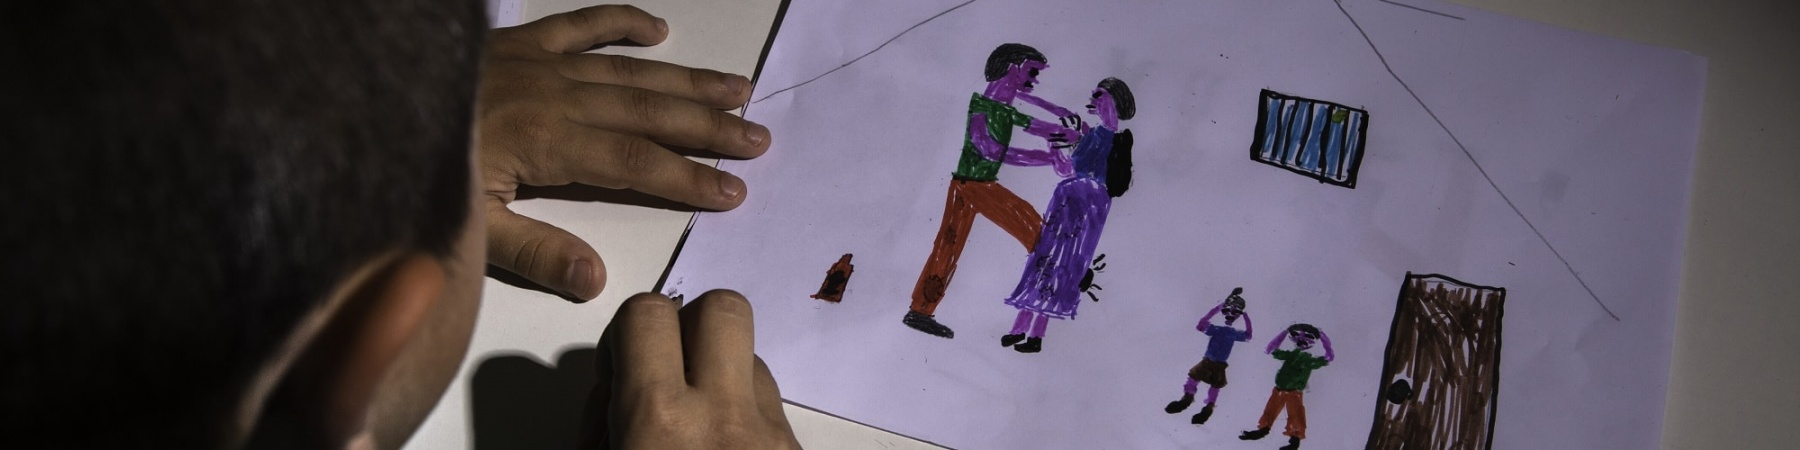 bambino disegna un episodio di violenza assistita in casa